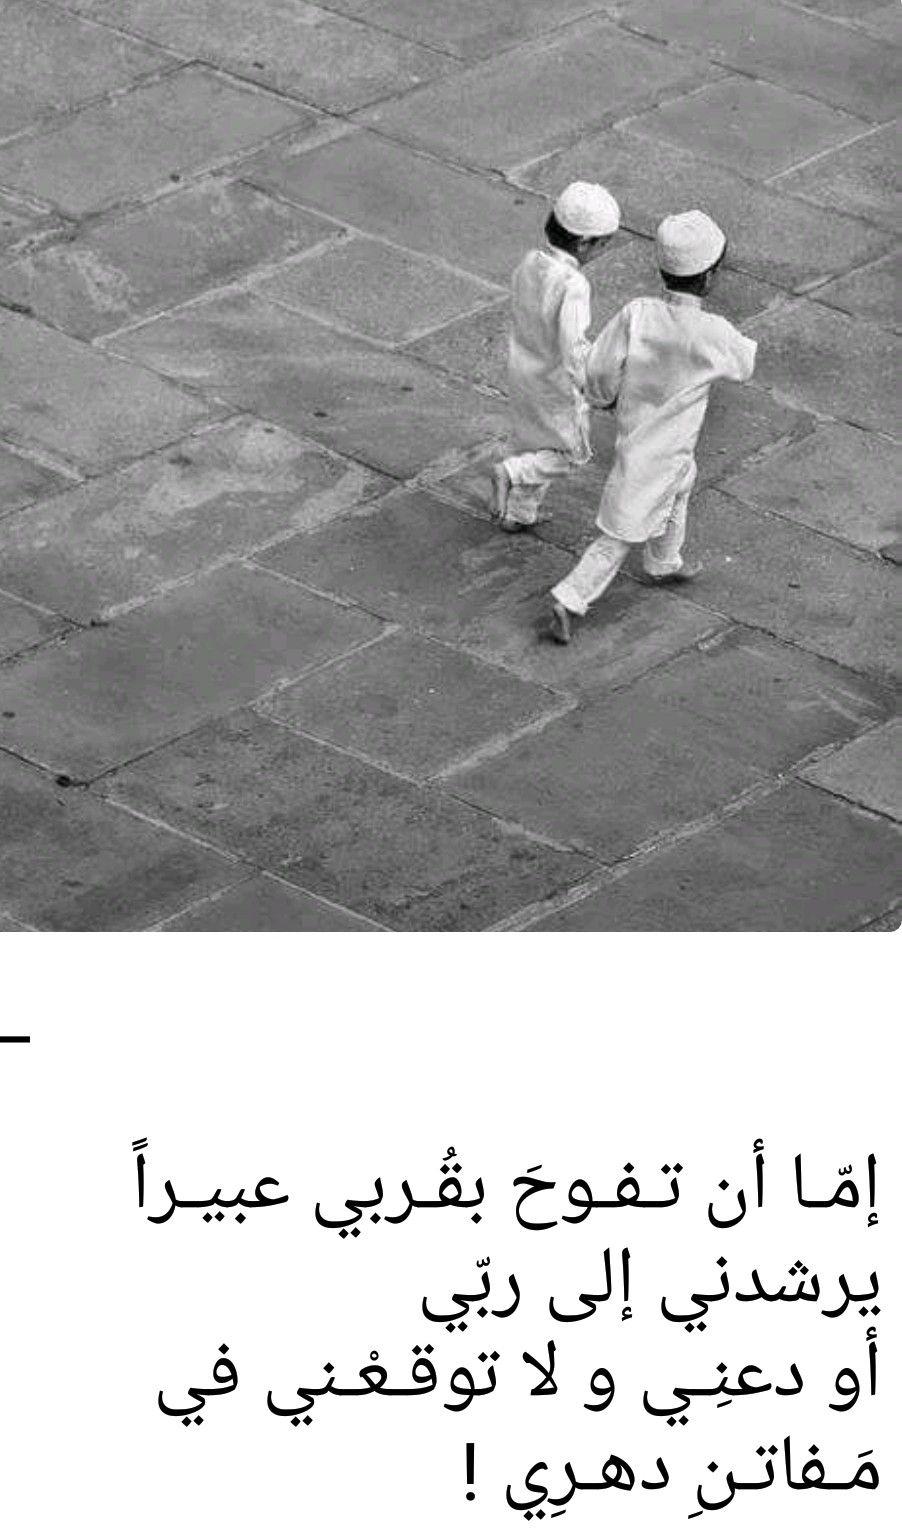 اللهم الصحبة الصالحة اقوال صحبة اصدقاء الخير Islamic Quotes Quran Hijab Cartoon Islamic Quotes